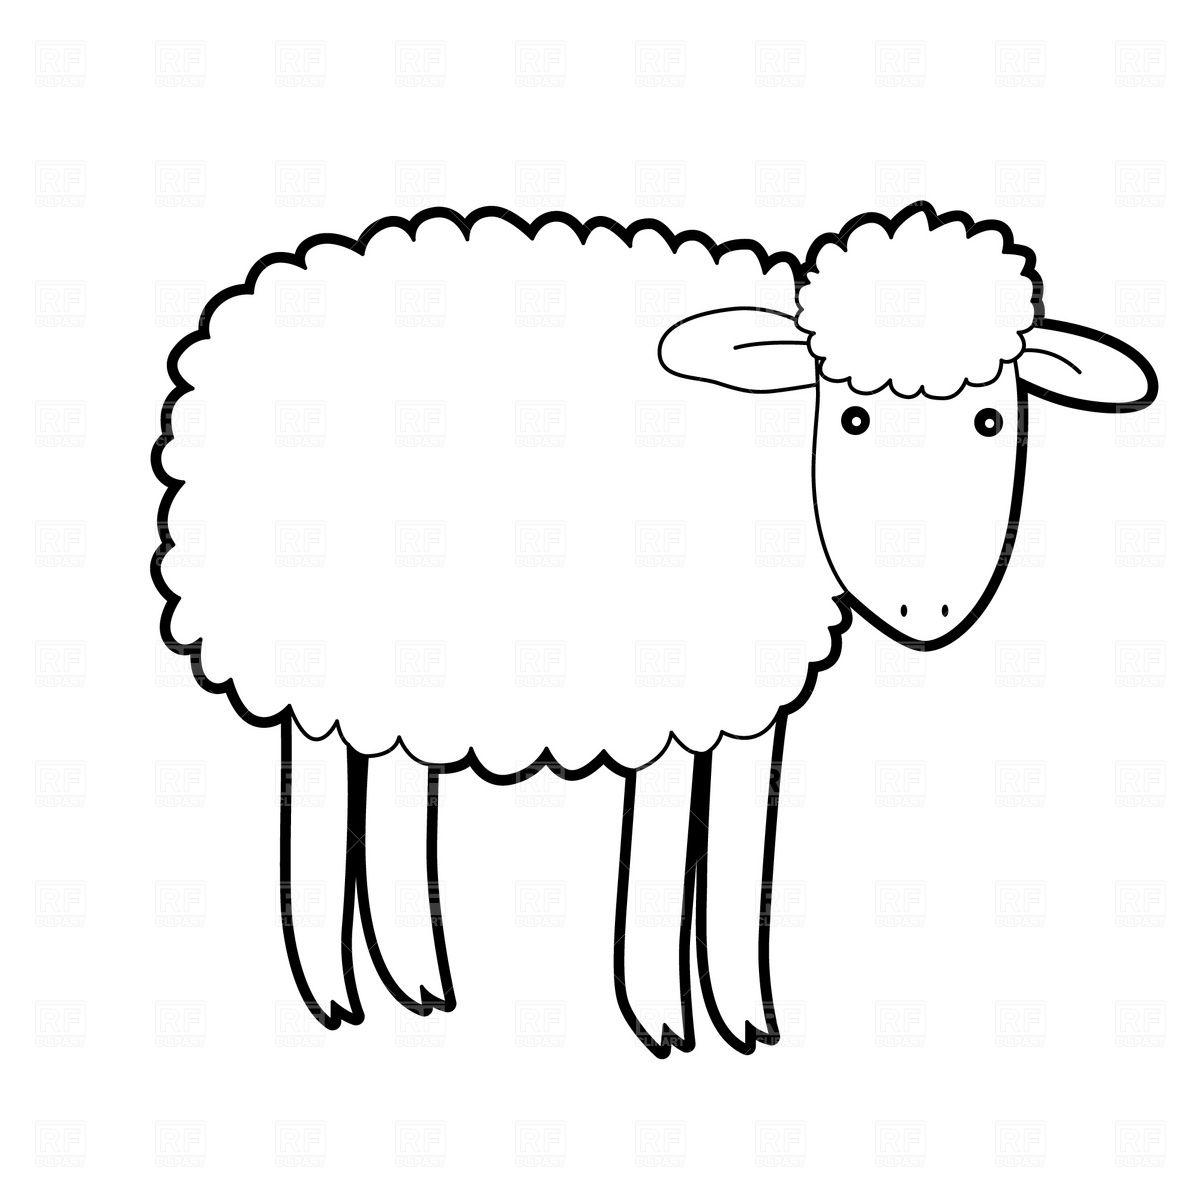 Lamb clipart sheep drawing. Black and tattoos cartoon